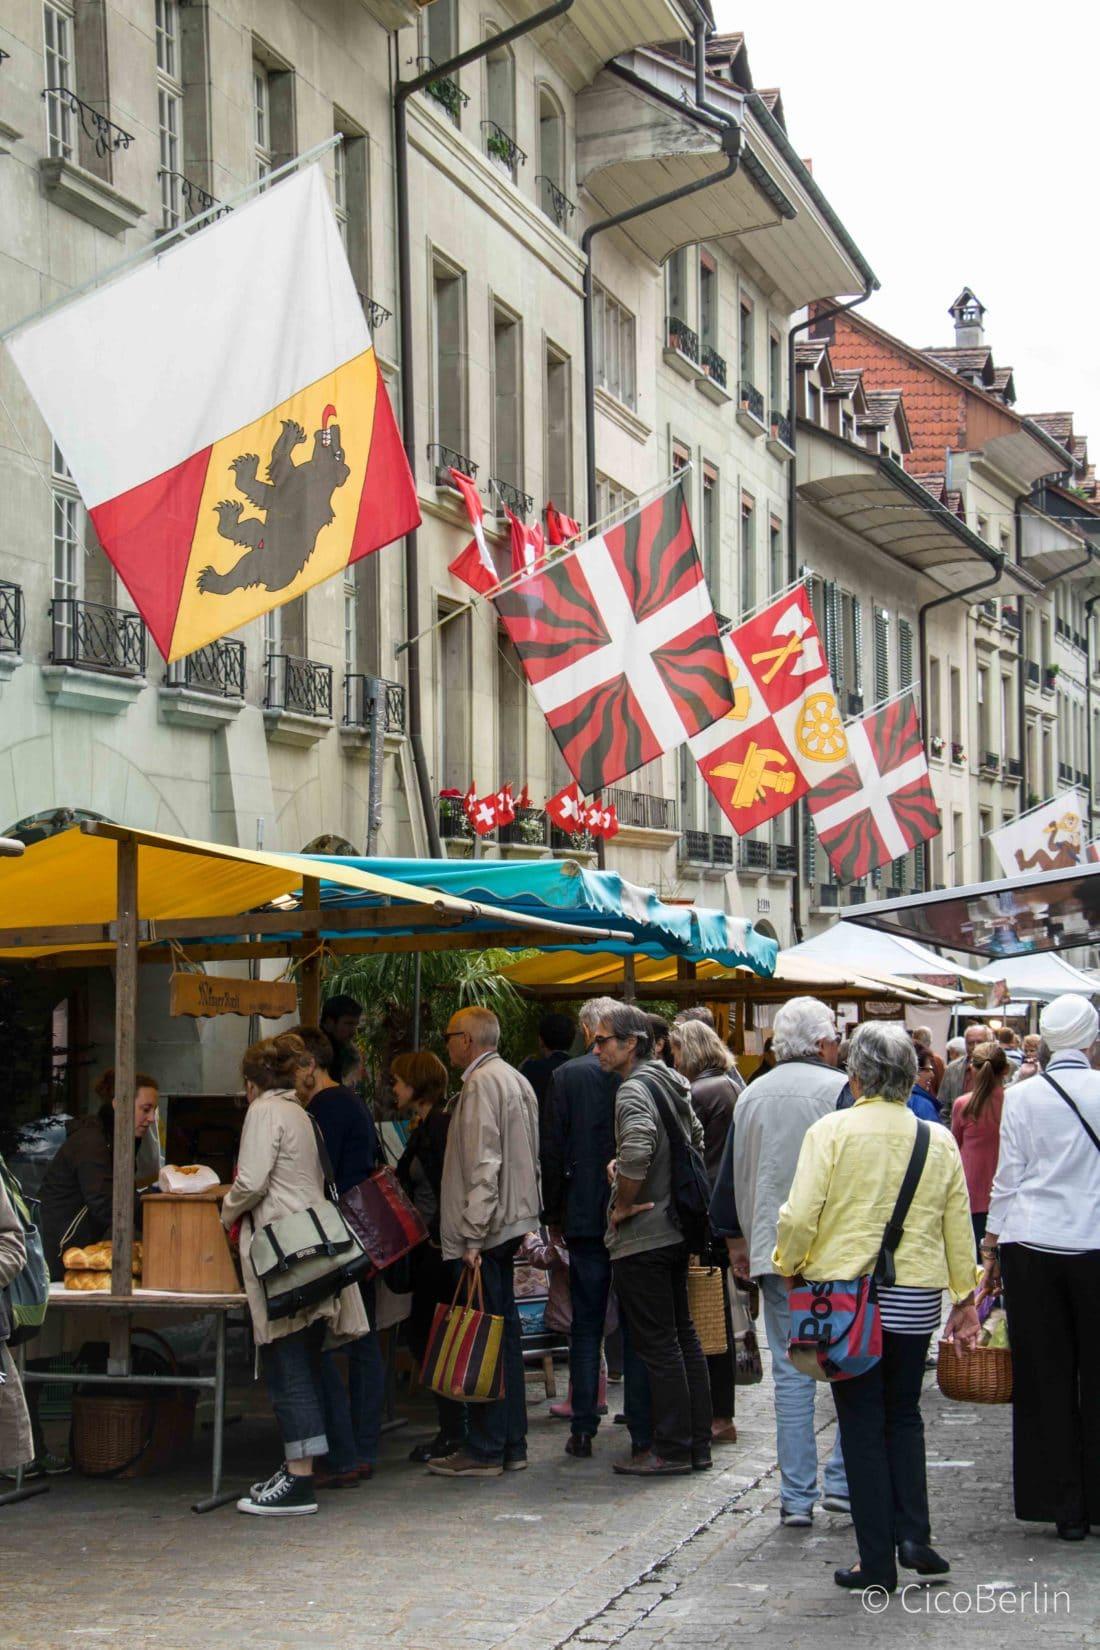 Top Sehenswürdigkeiten Bern, Samstagsmaerkte